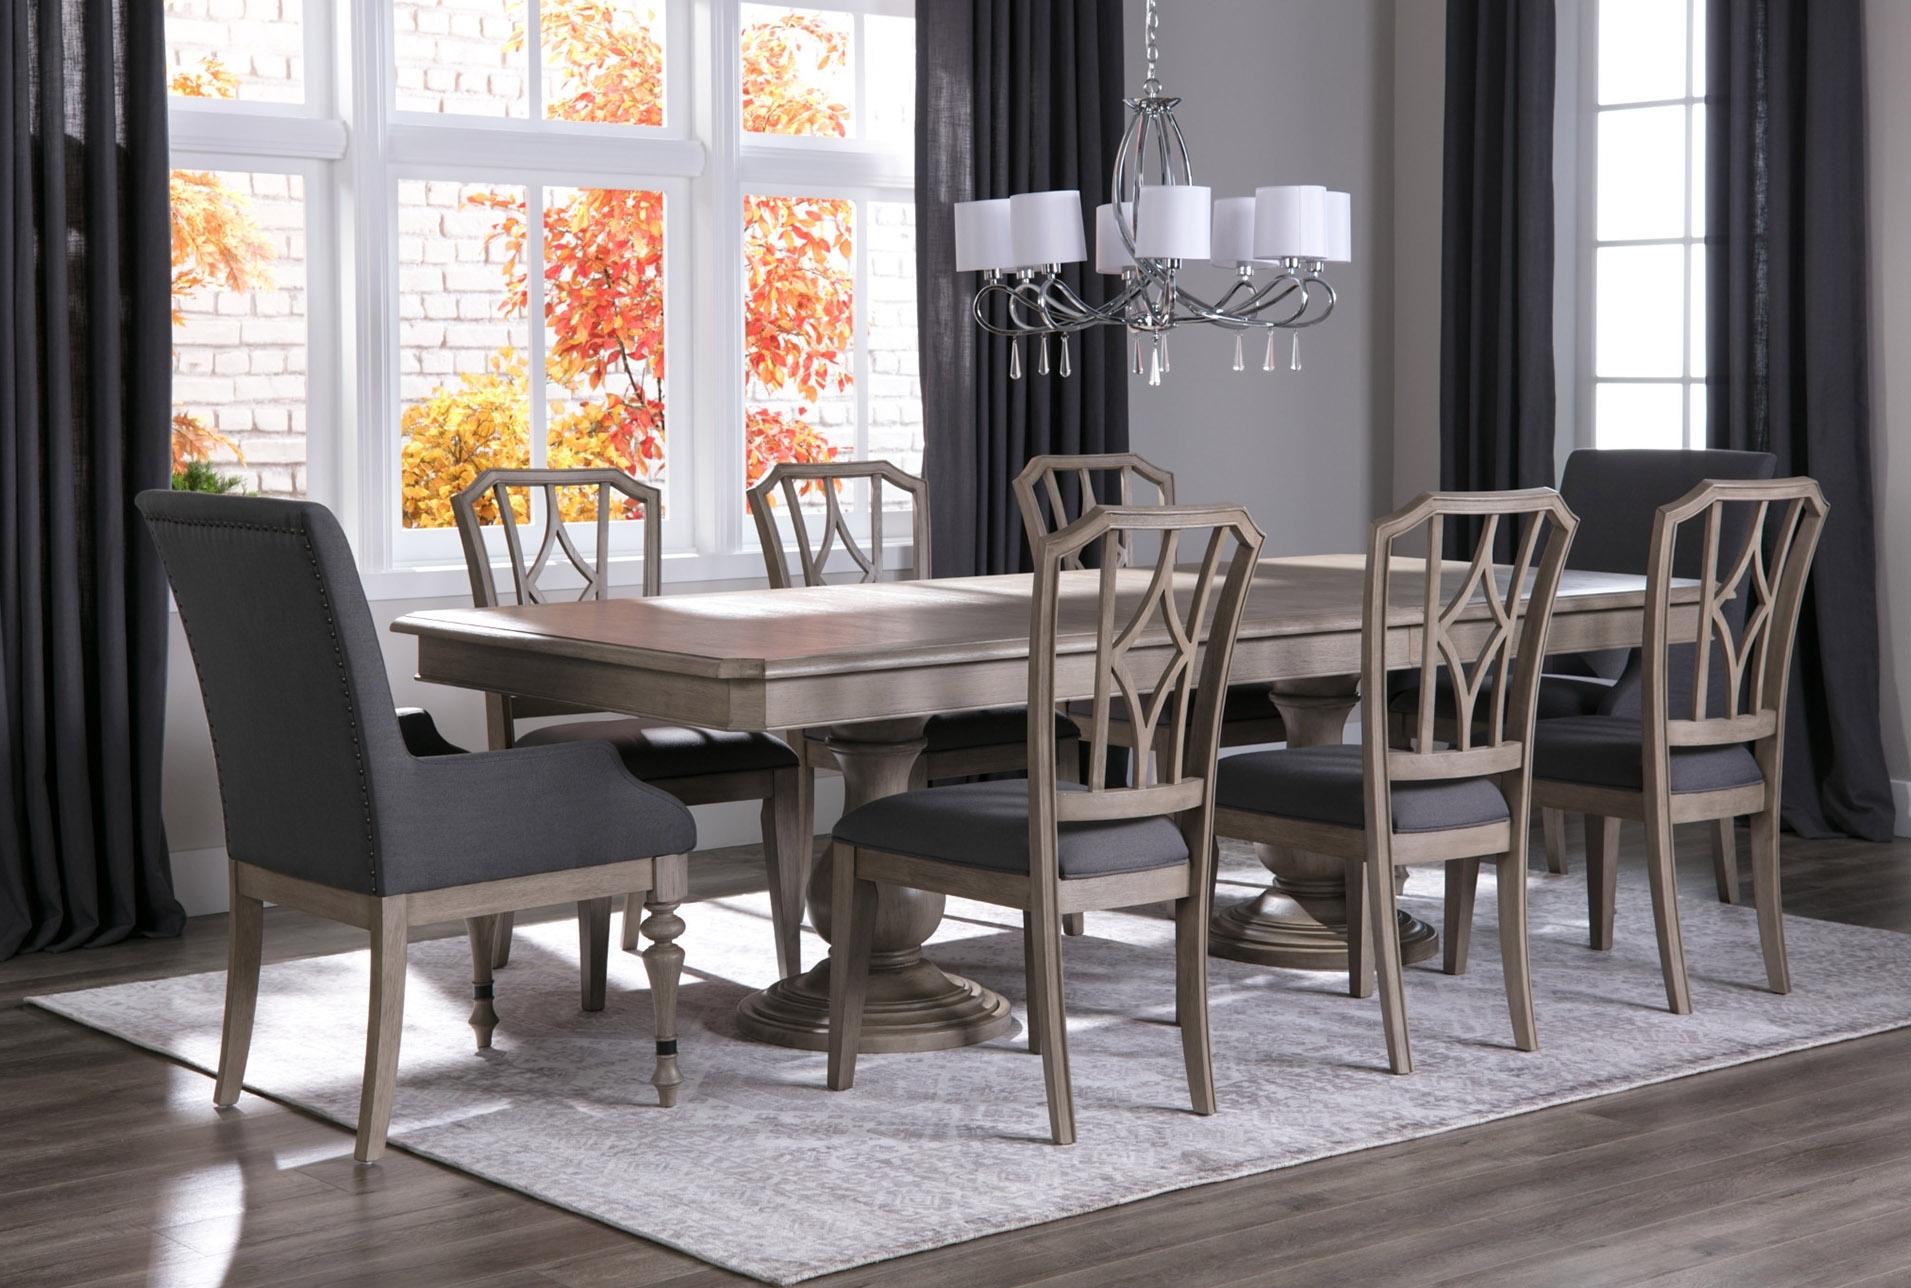 Lätt Bockbord Att Bygga, Rundstav Som Fixerar Planken, Lät Pertaining To Most Current Caira Black Upholstered Diamond Back Side Chairs (#9 of 20)